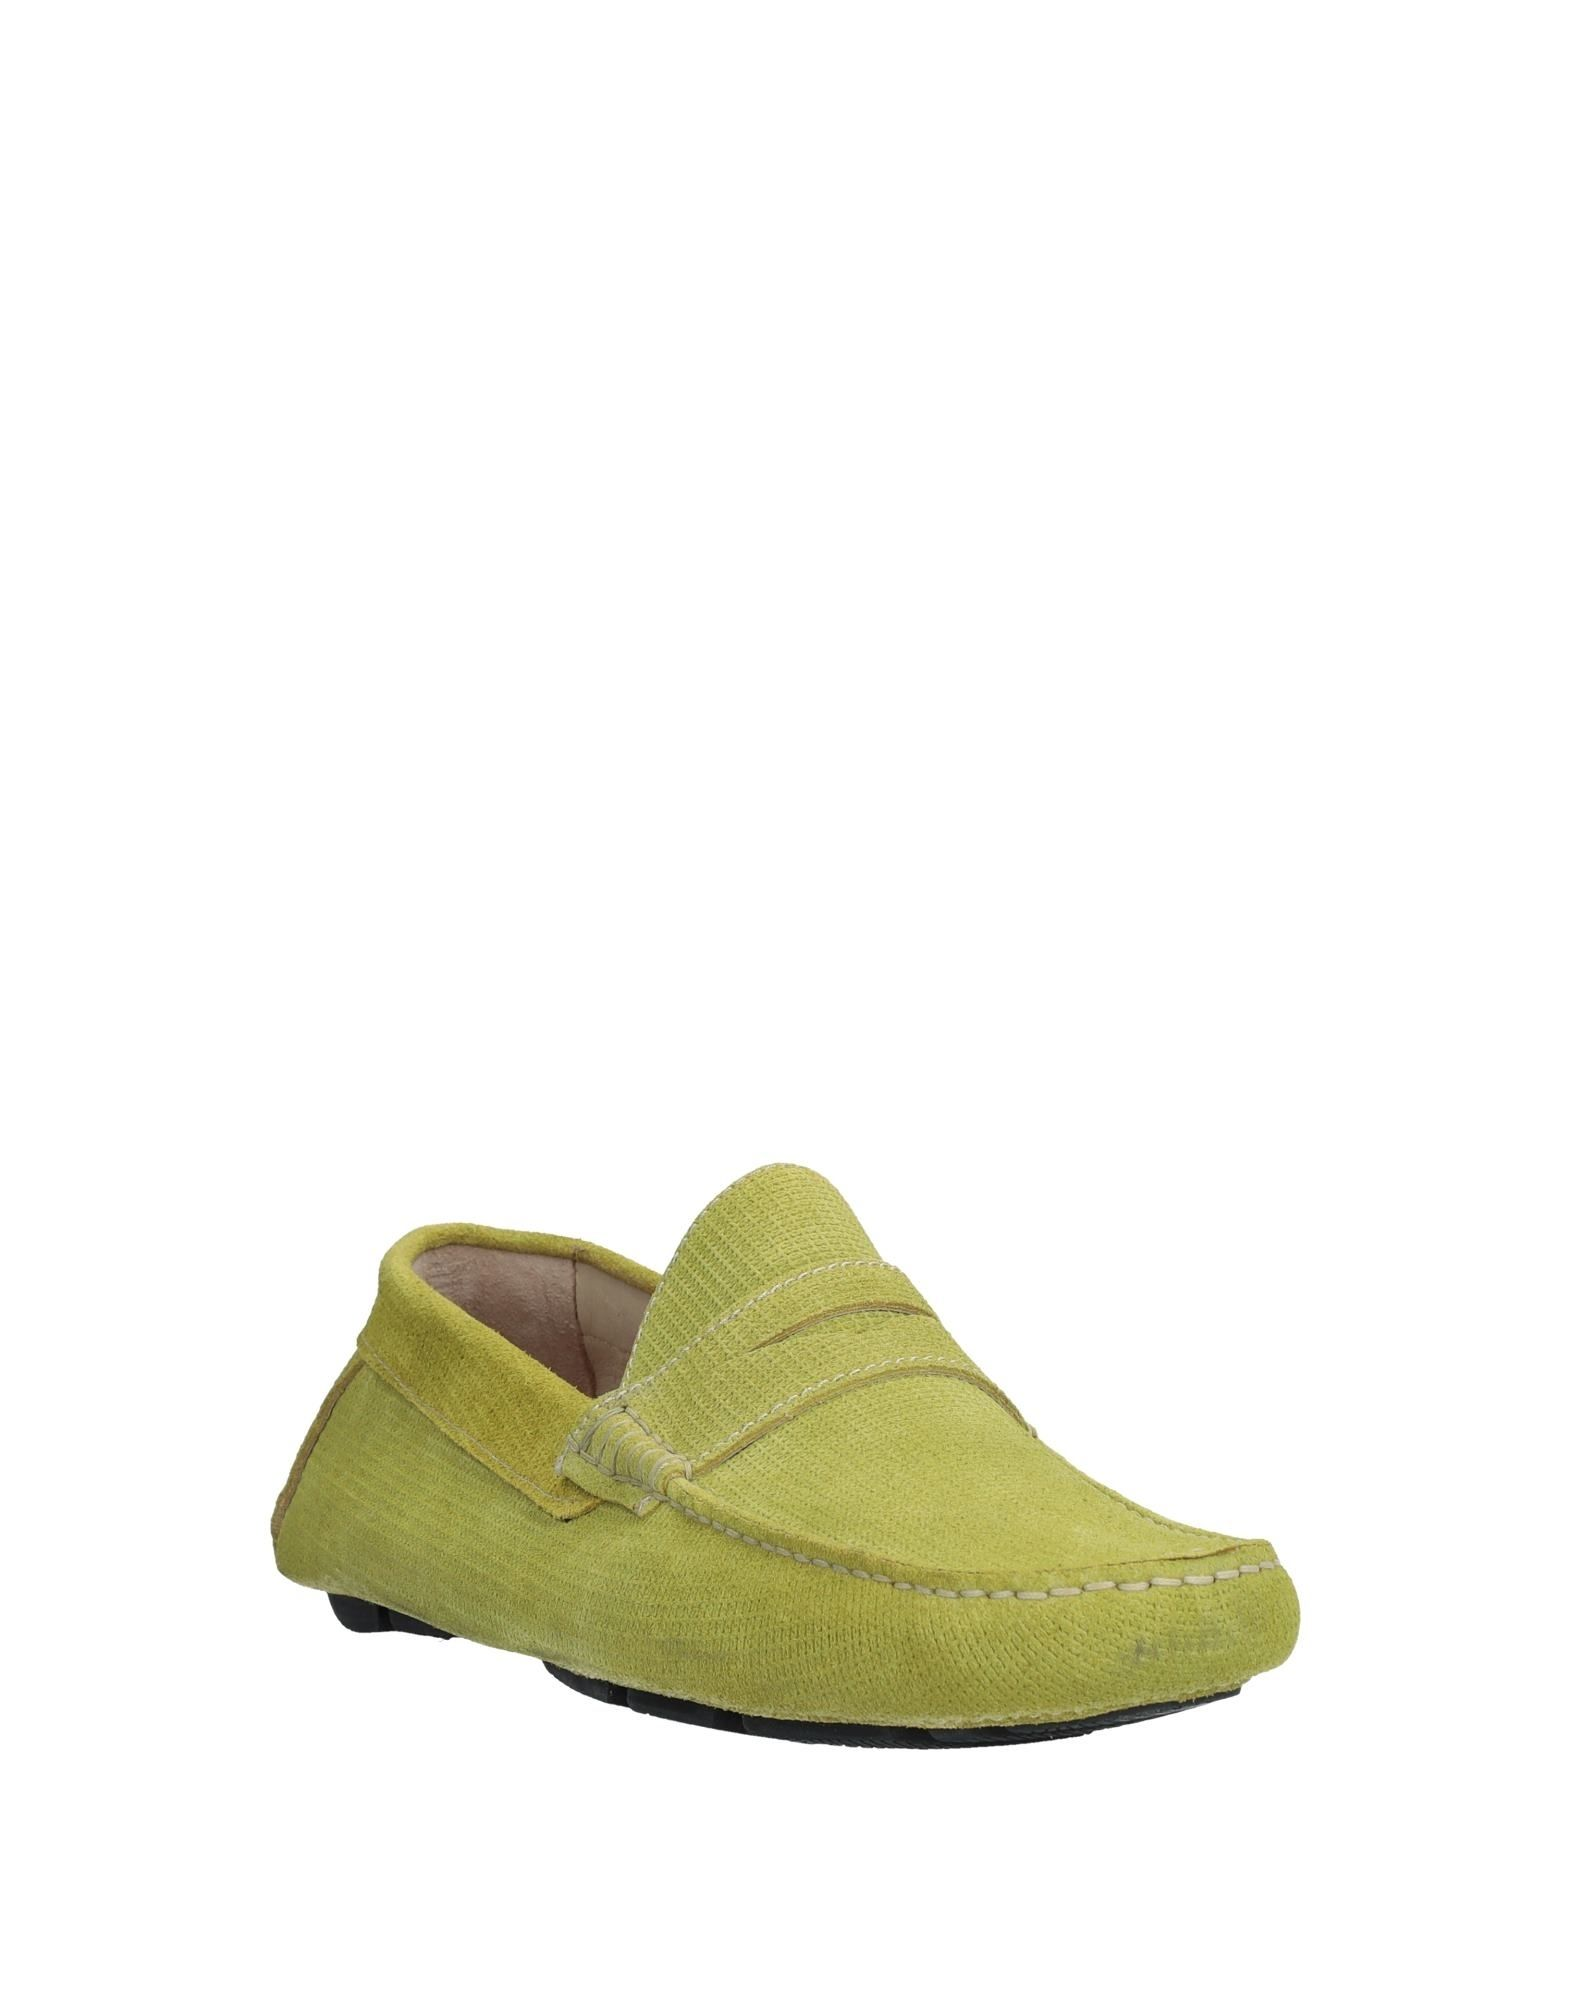 A.Testoni Mokassins Herren  11542581BL Schuhe Gute Qualität beliebte Schuhe 11542581BL b65a26